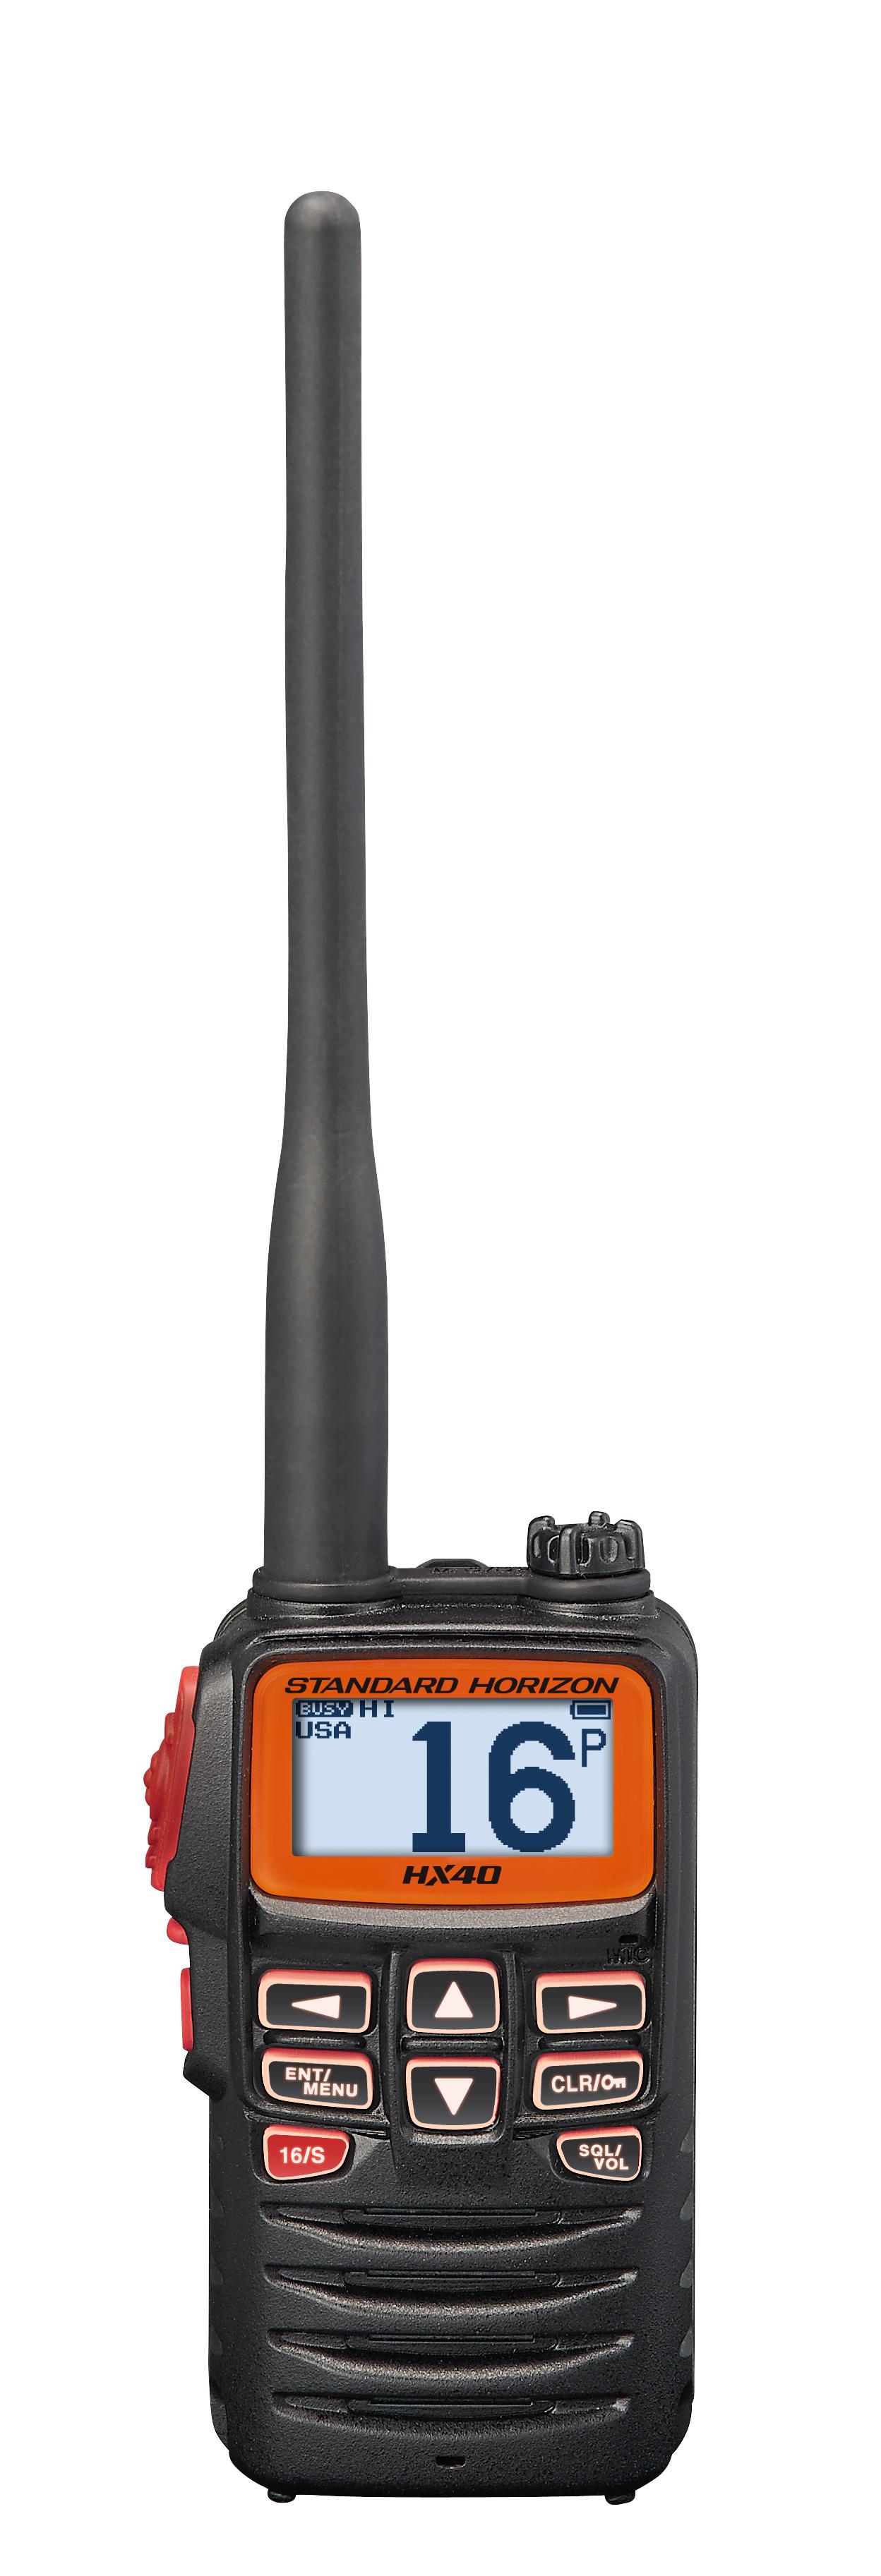 Standard HX40 6W Handheld VHF  - # HX40